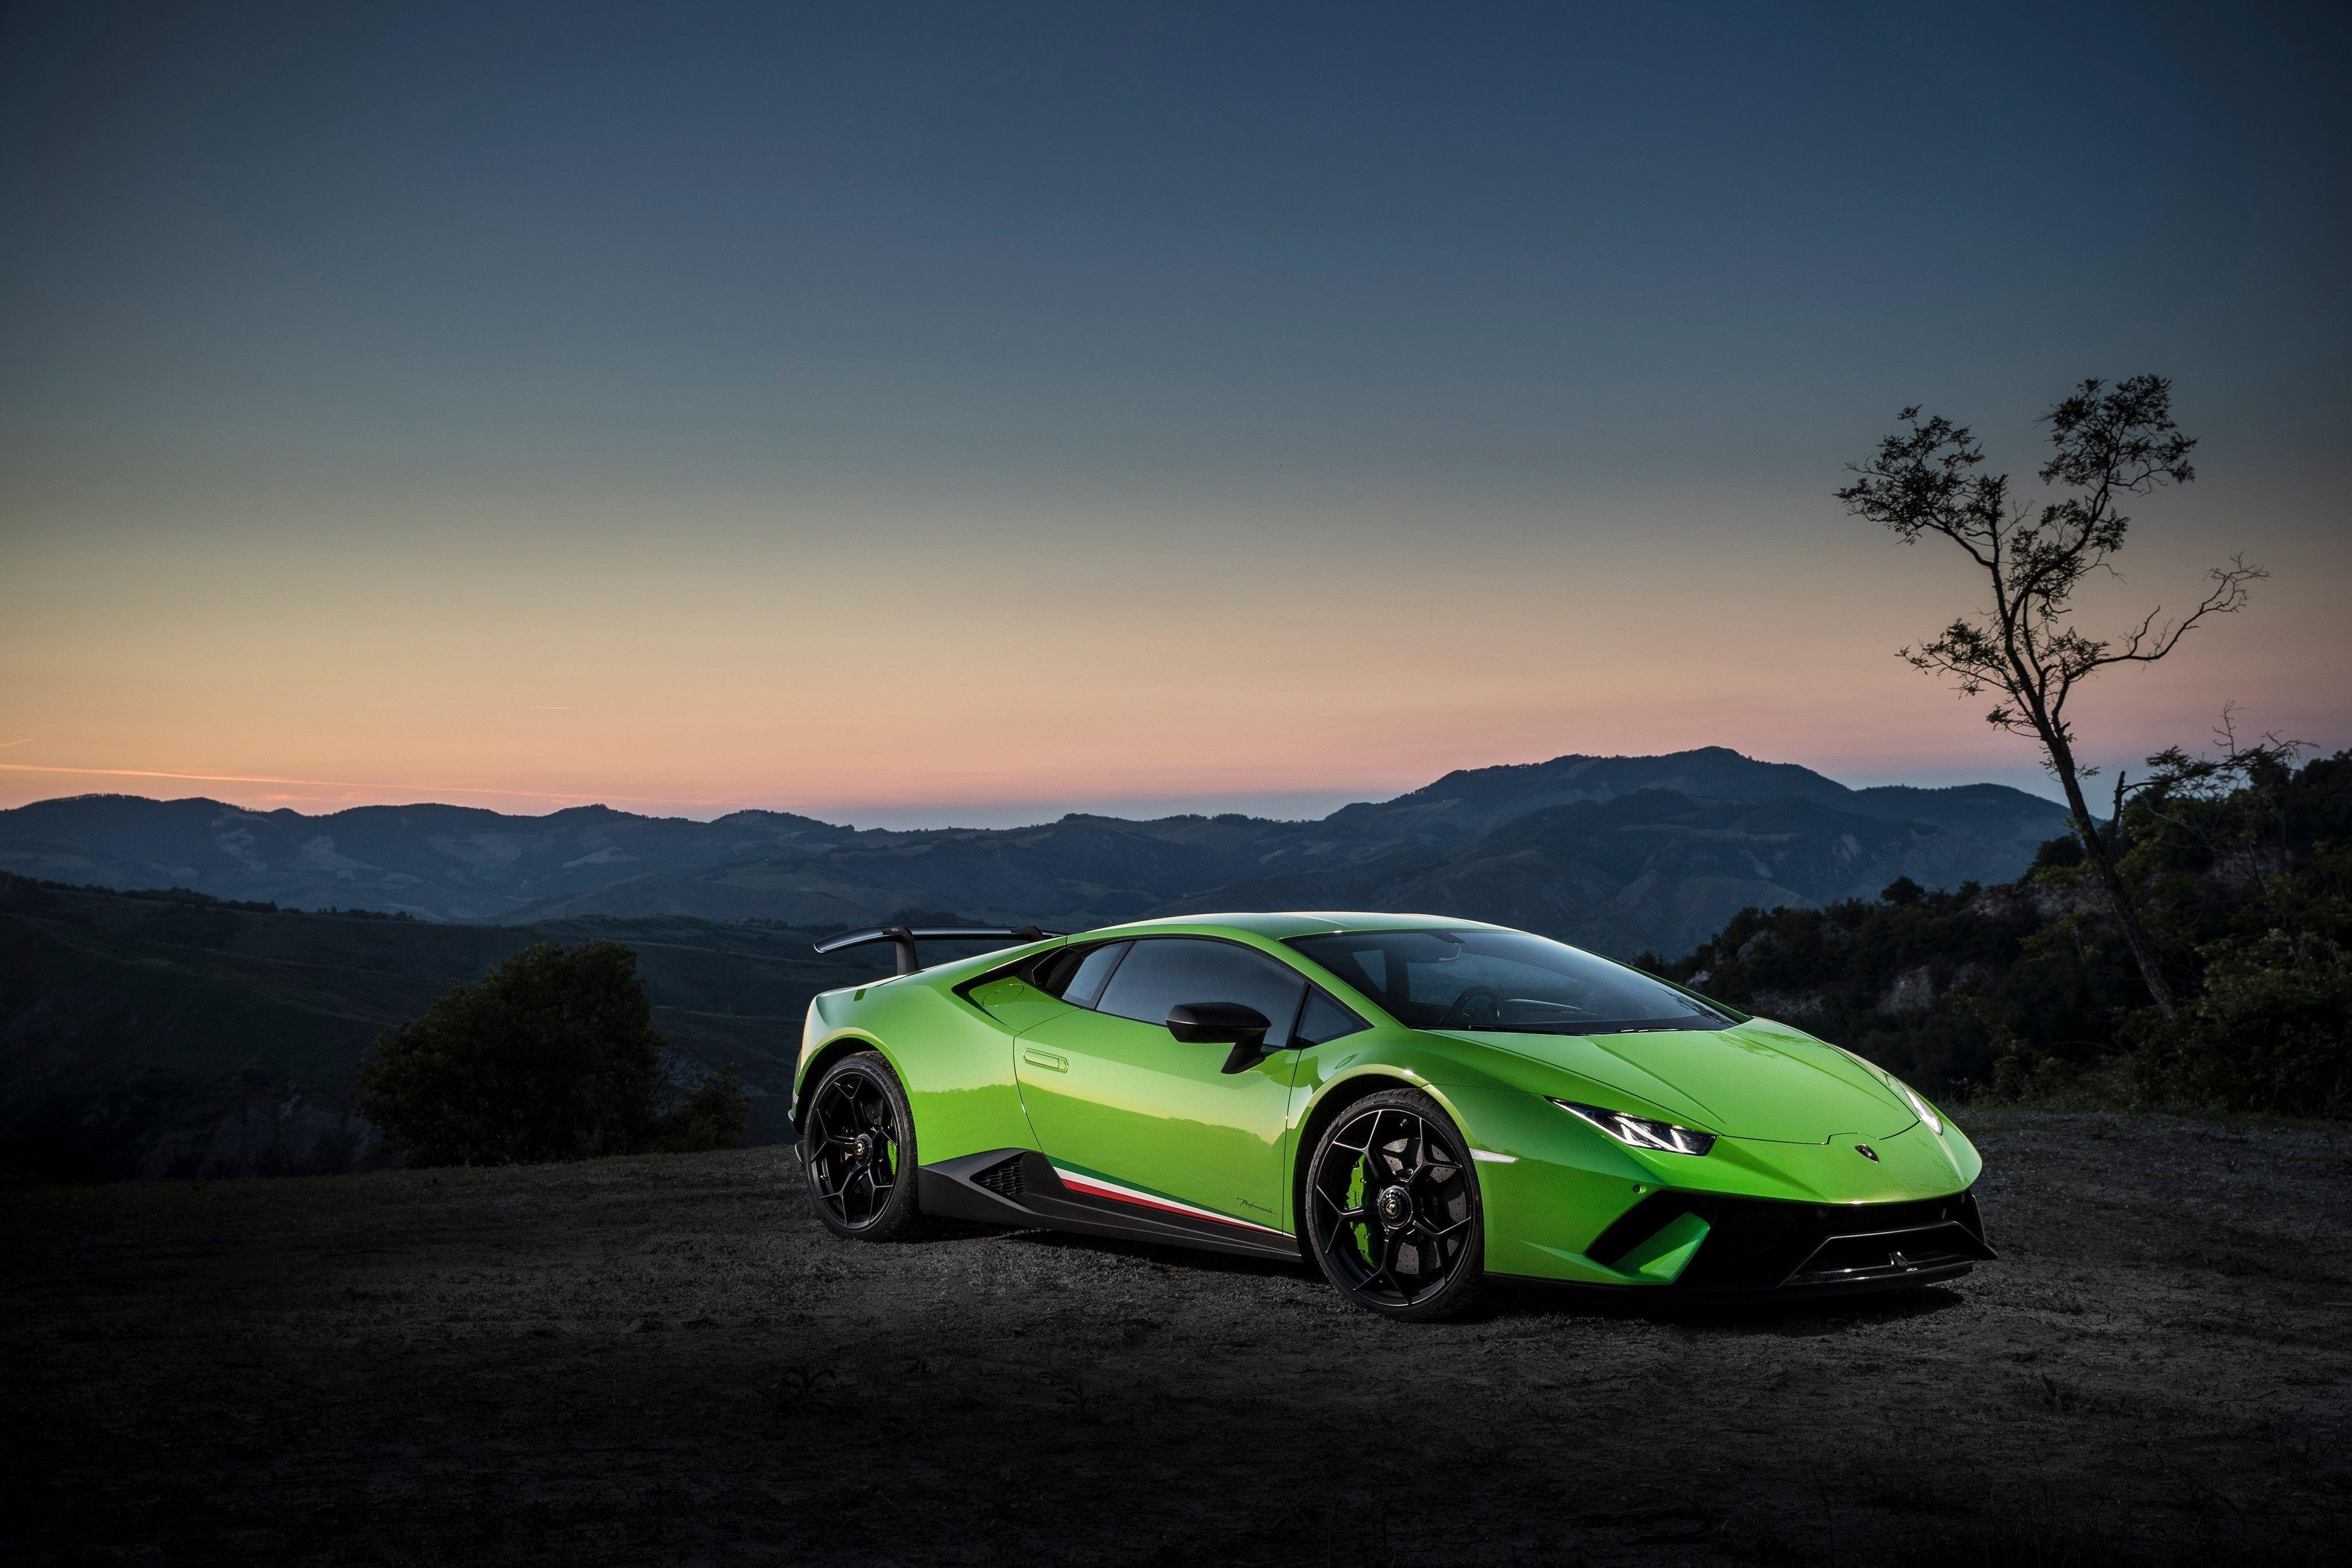 Lamborghini Huracan Wallpapers Top Free Lamborghini Huracan Backgrounds Wallpaperaccess